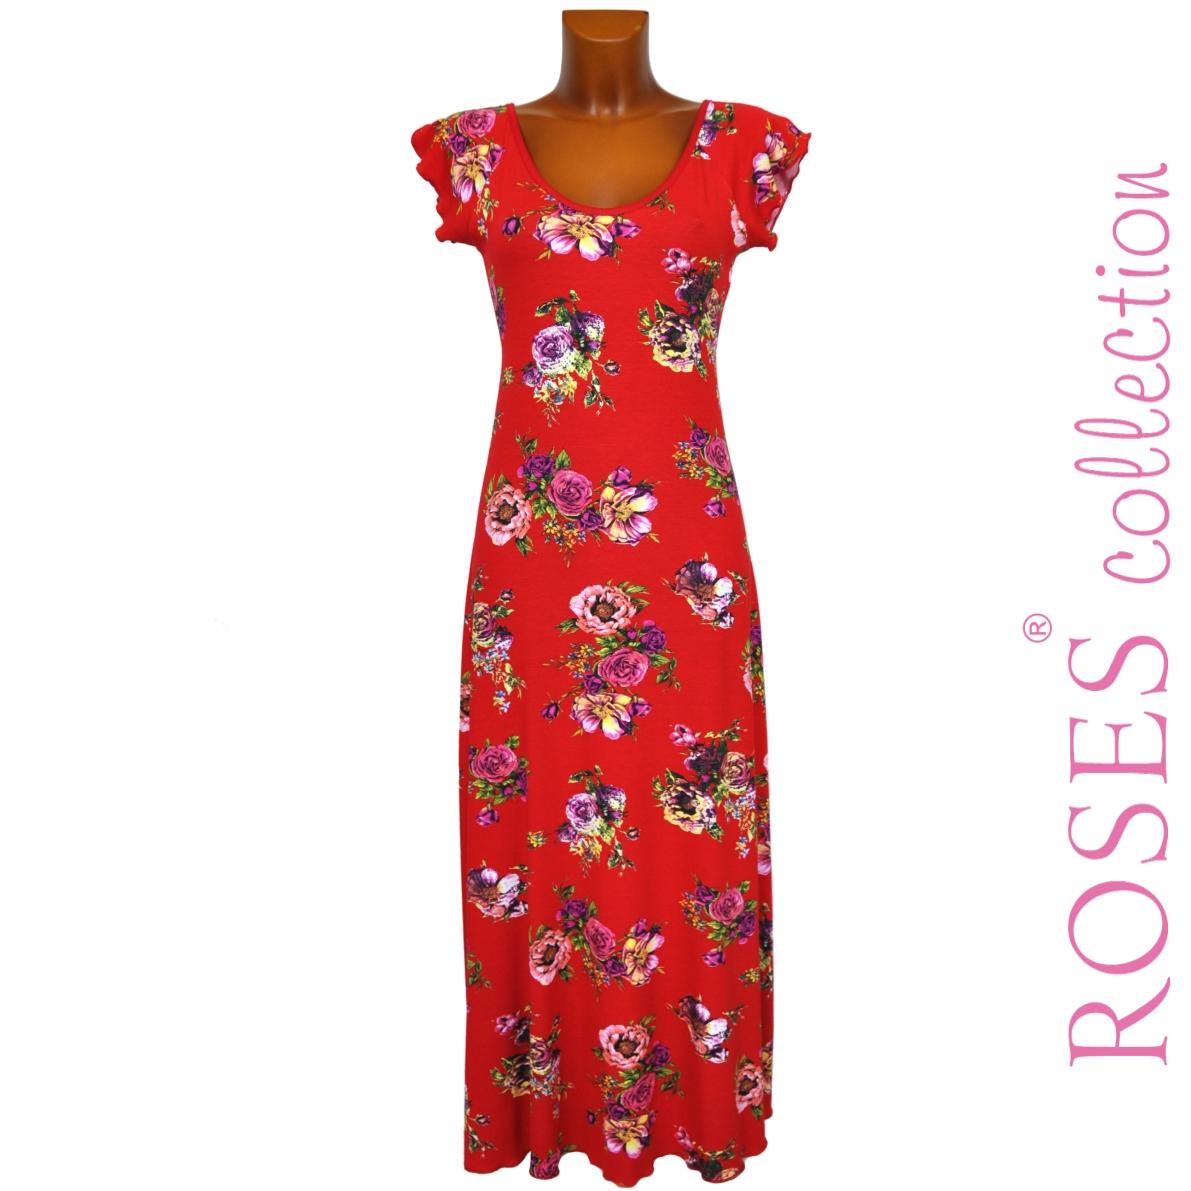 Letní šaty PAOLA červené – Potvor - pomáhat tvořit d884fb6831